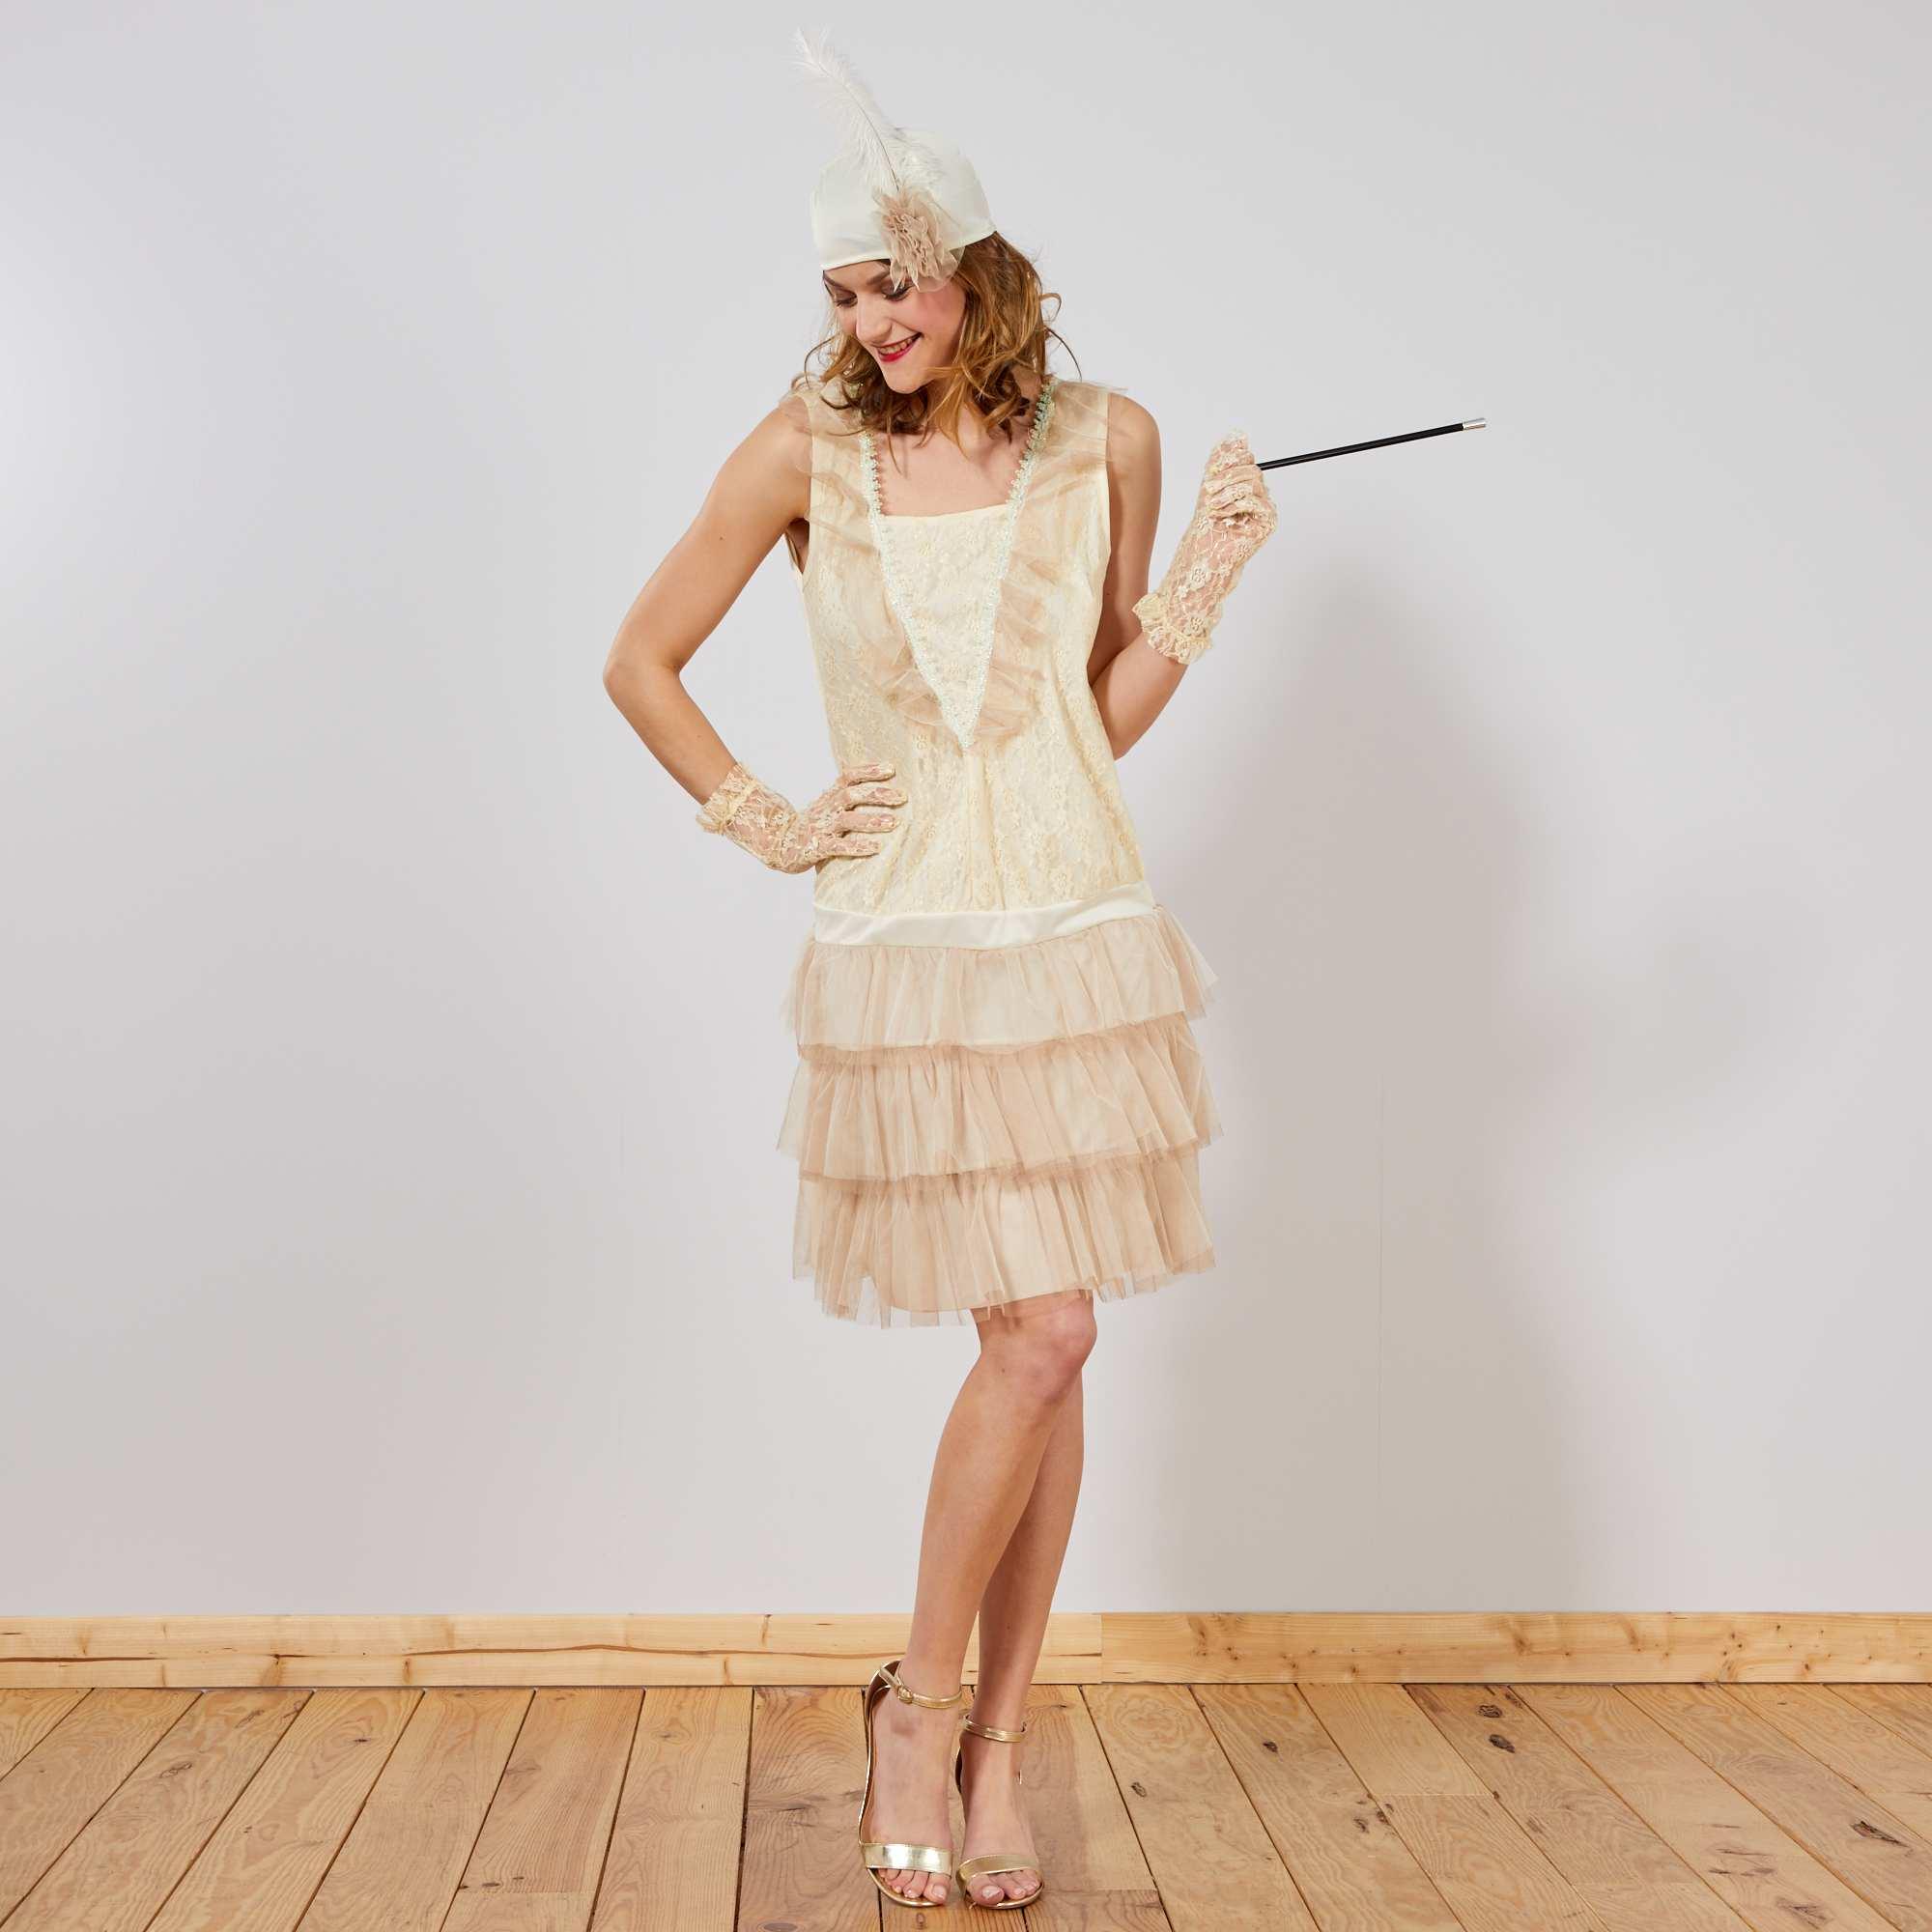 Couleur : beige, , ,, - Taille : S, XL, M/L,,Retrouvez l'ambiance des années 20 avec cette robe charleston des plus féminines. - Le